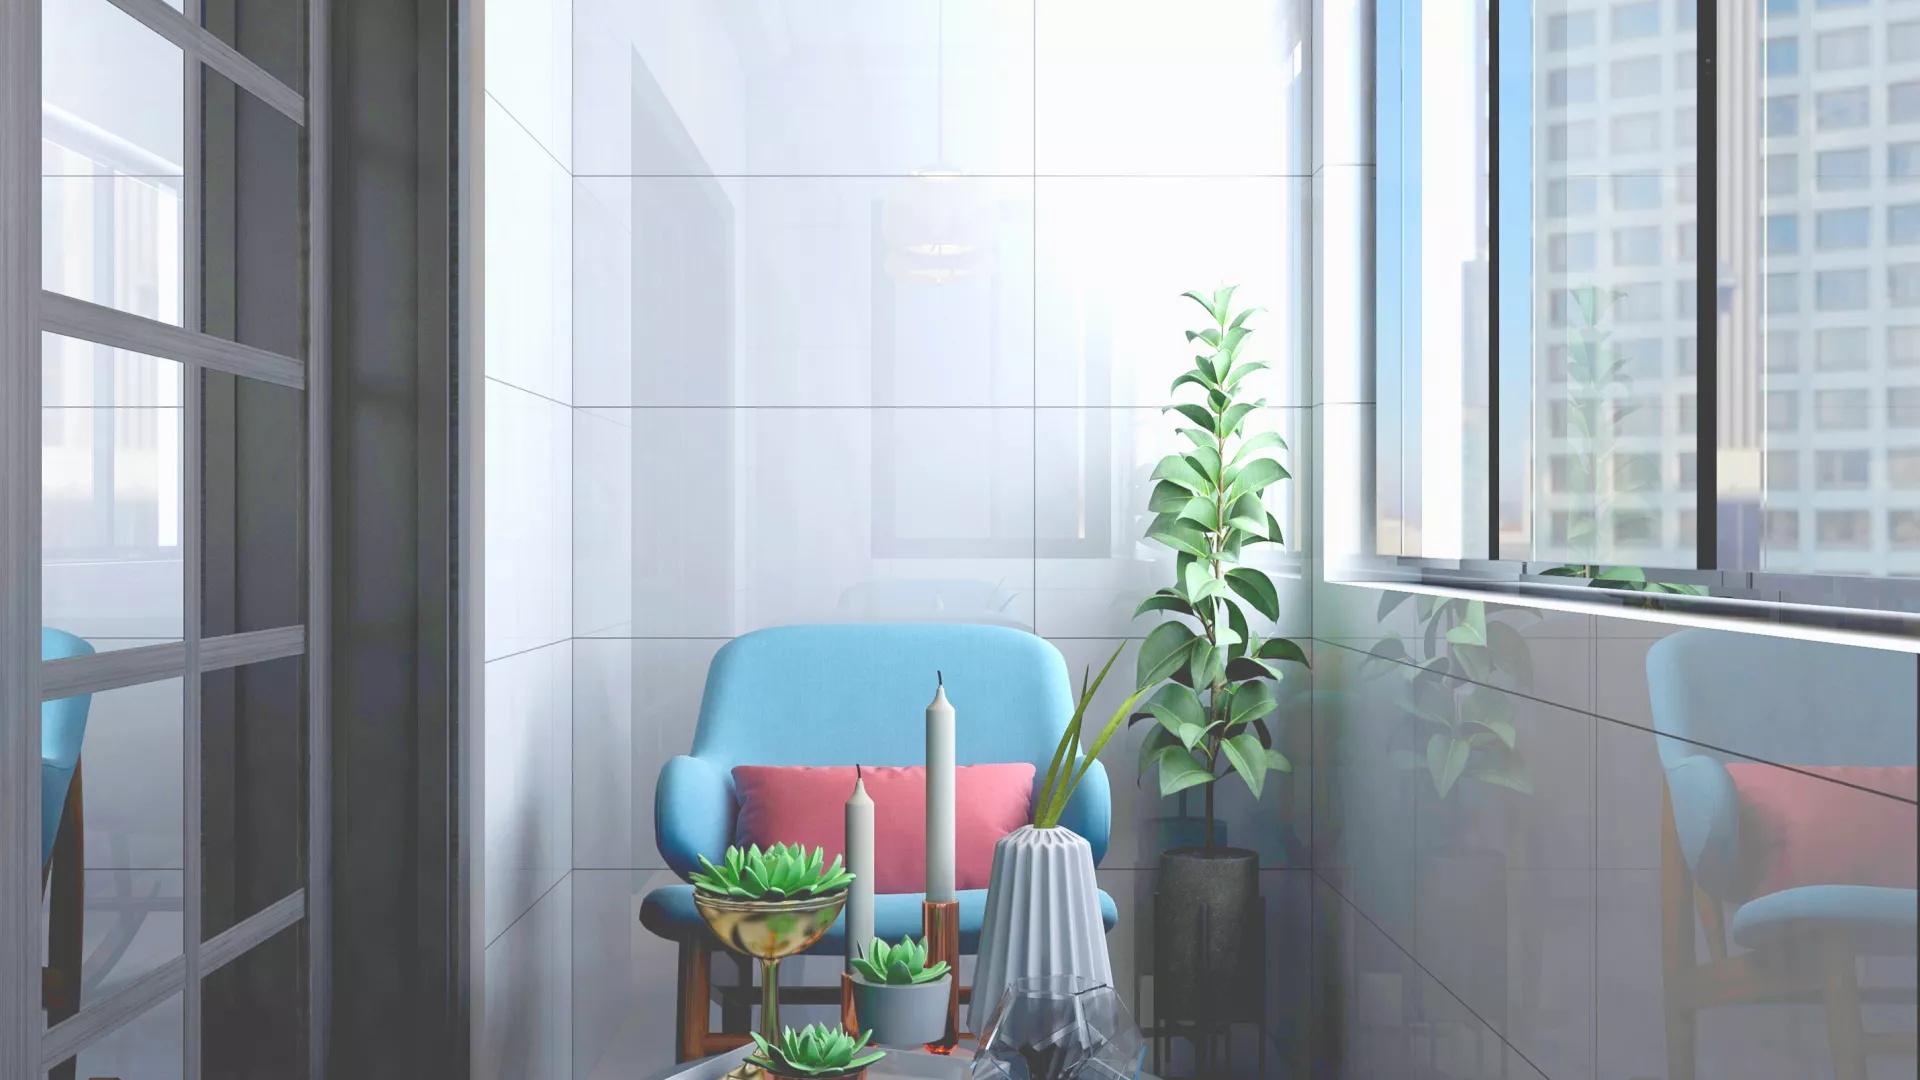 120㎡现代简约三居室装修设计效果图